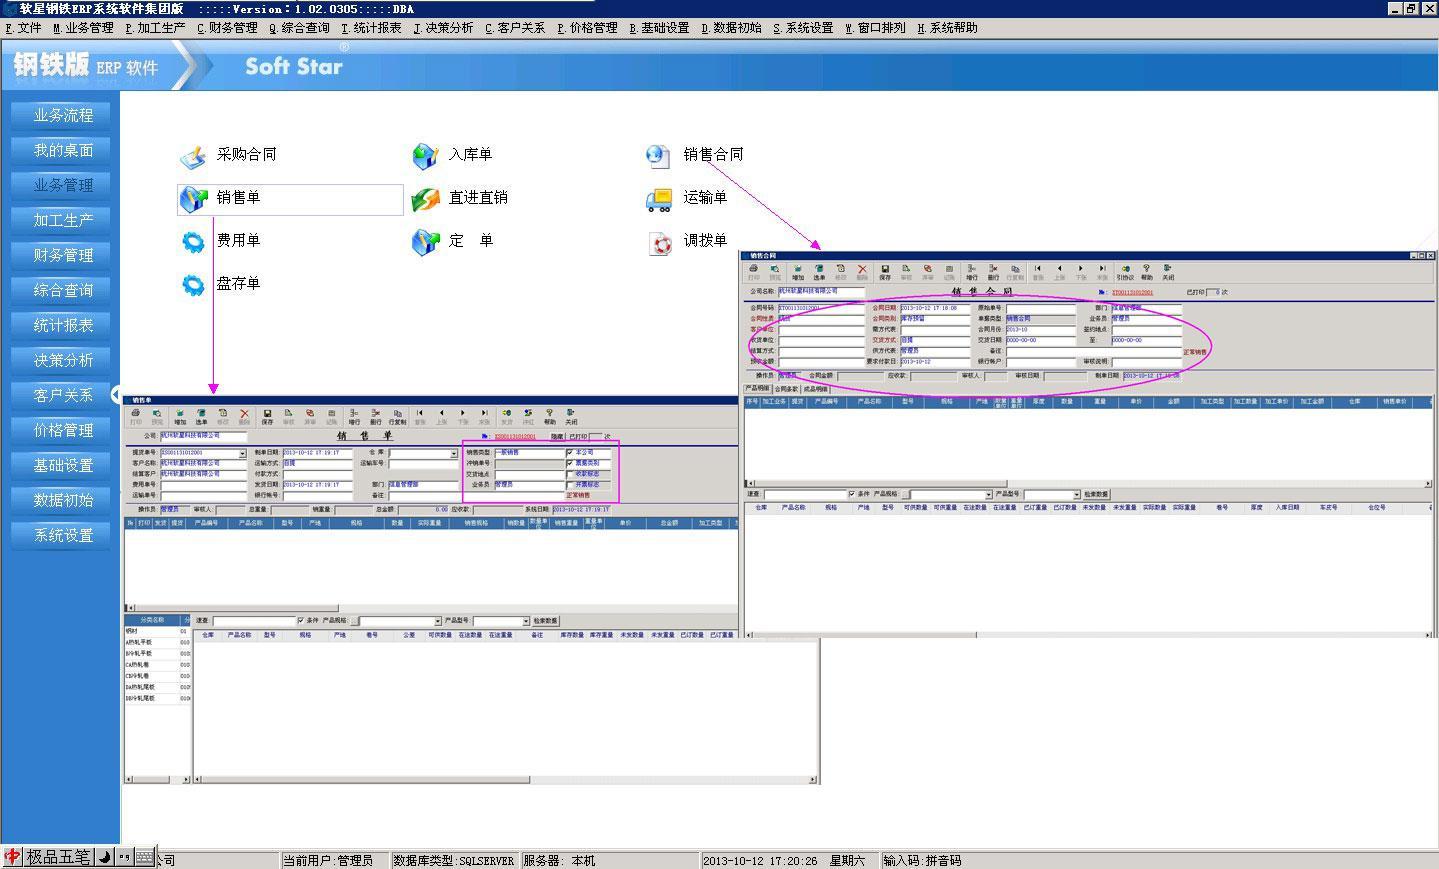 软星钢铁ERP集团版--业务管理